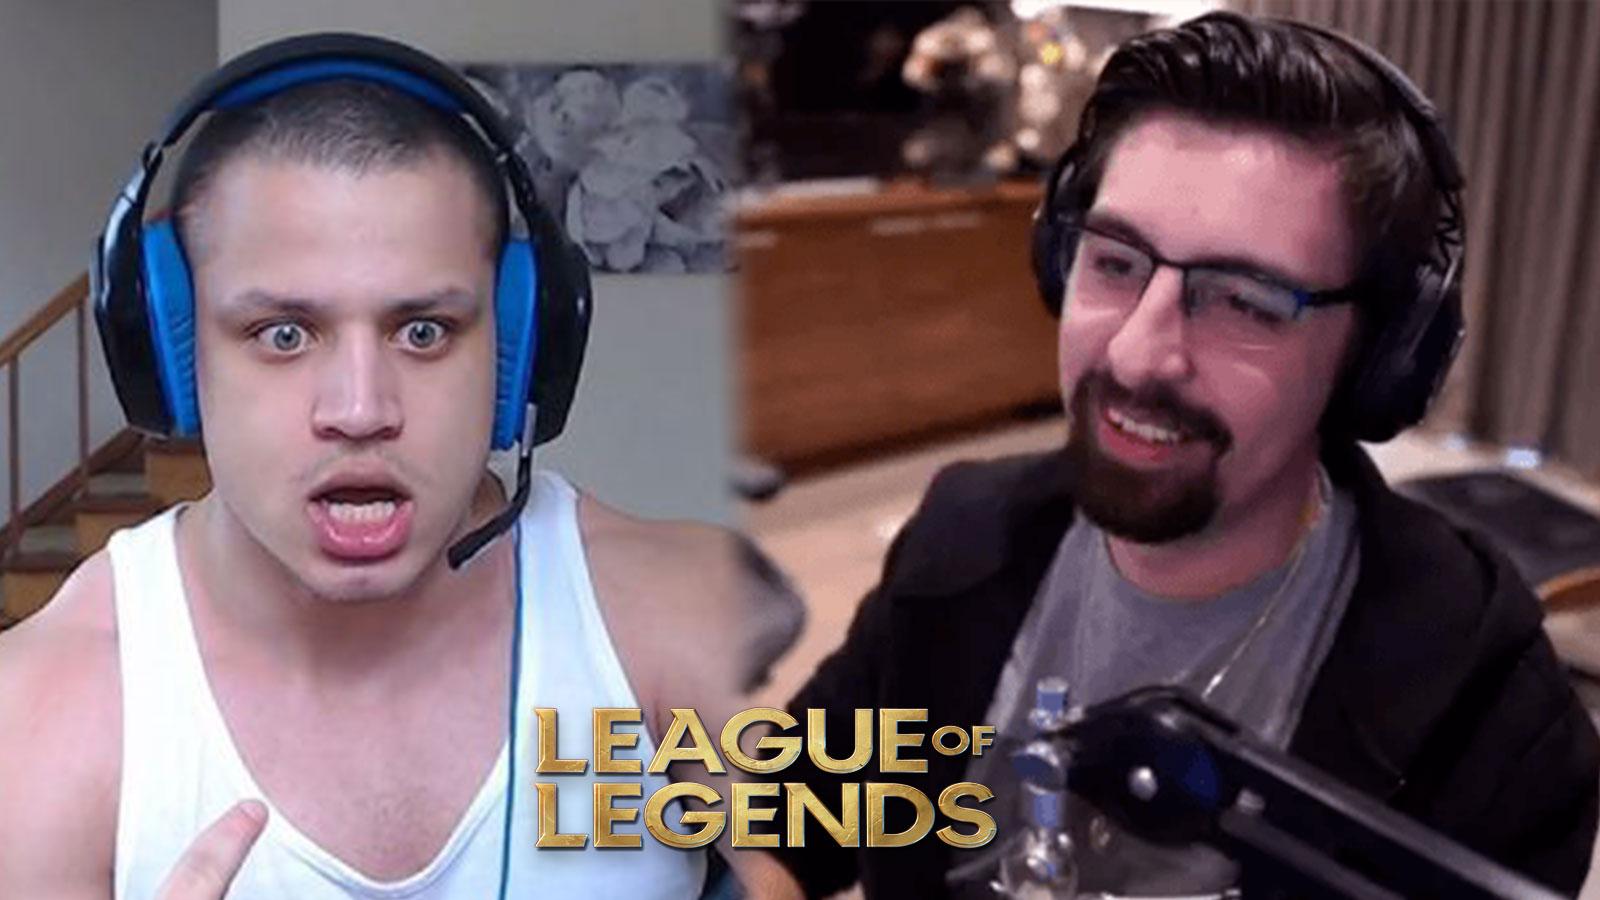 shroud aurait bien aimé être coaché par Tyler1 sur League of Legends